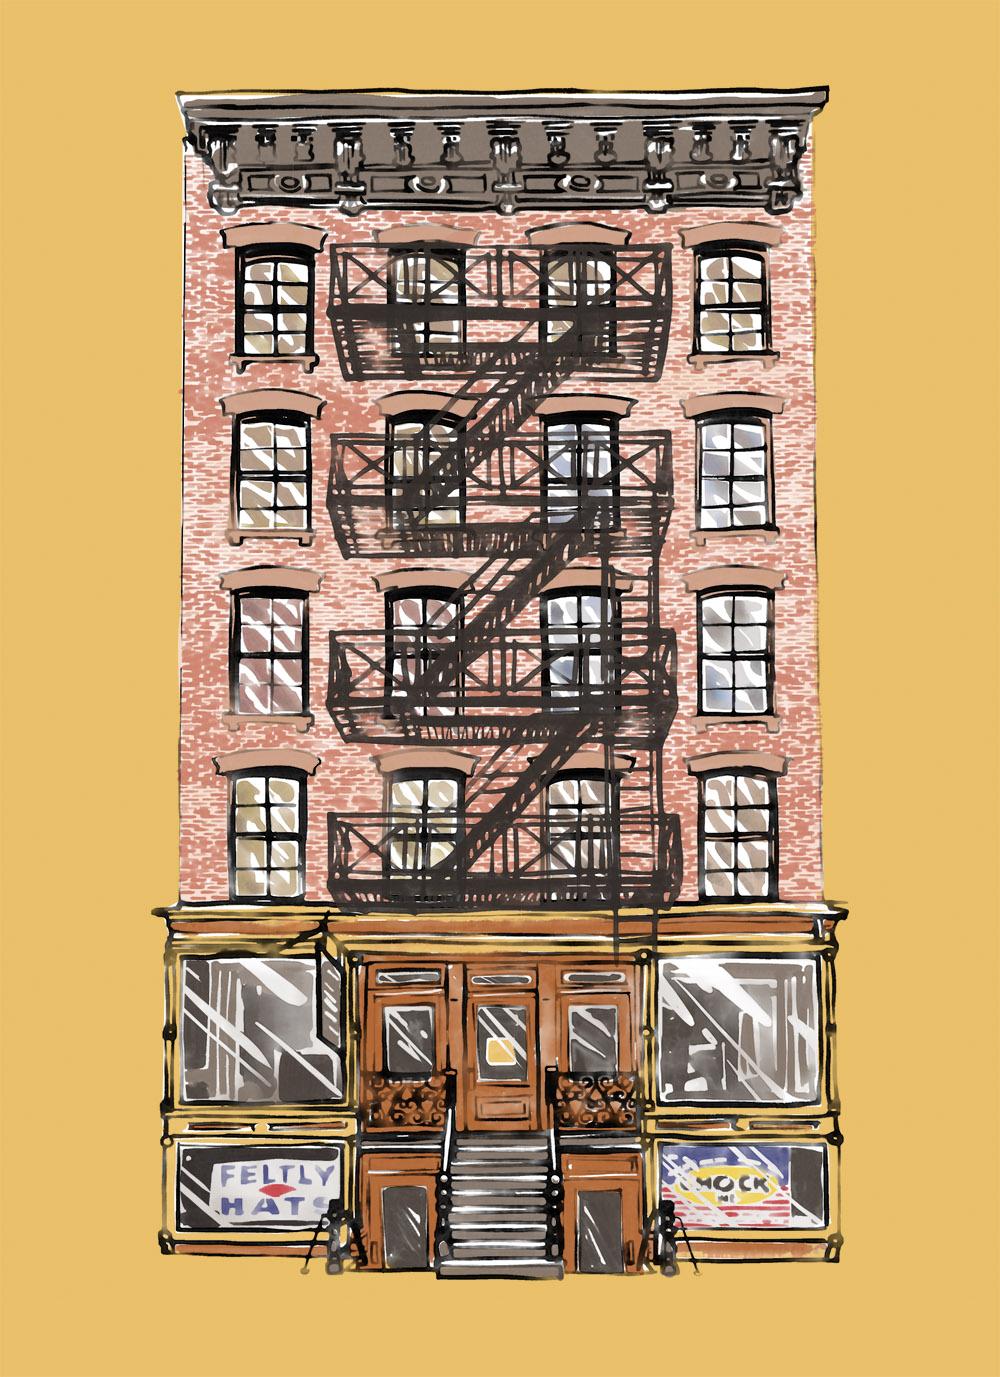 Tenement_building